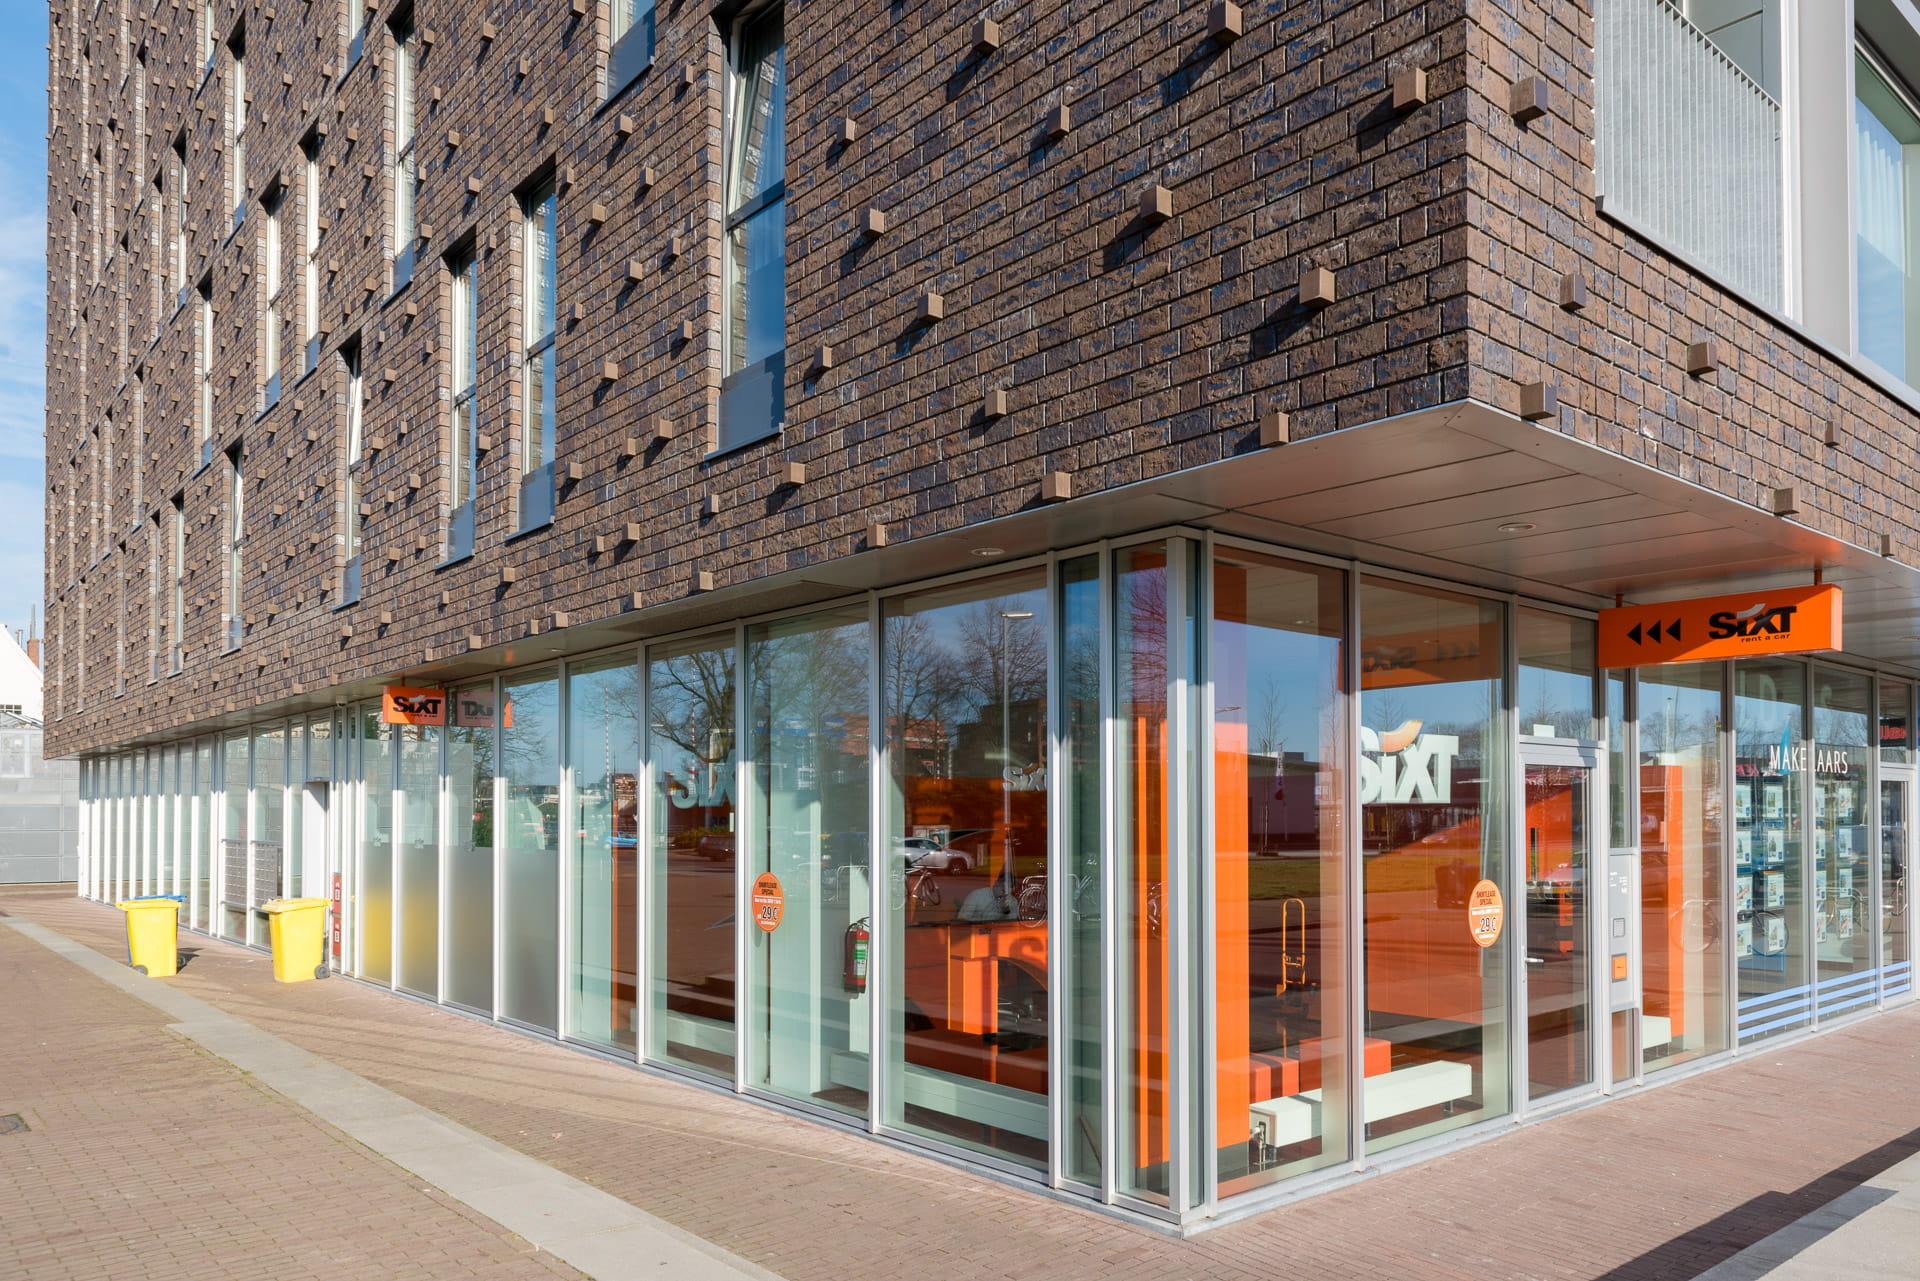 Gevel met uitstekende elementen bij Kop van Oost in Groningen met onderin een winkel